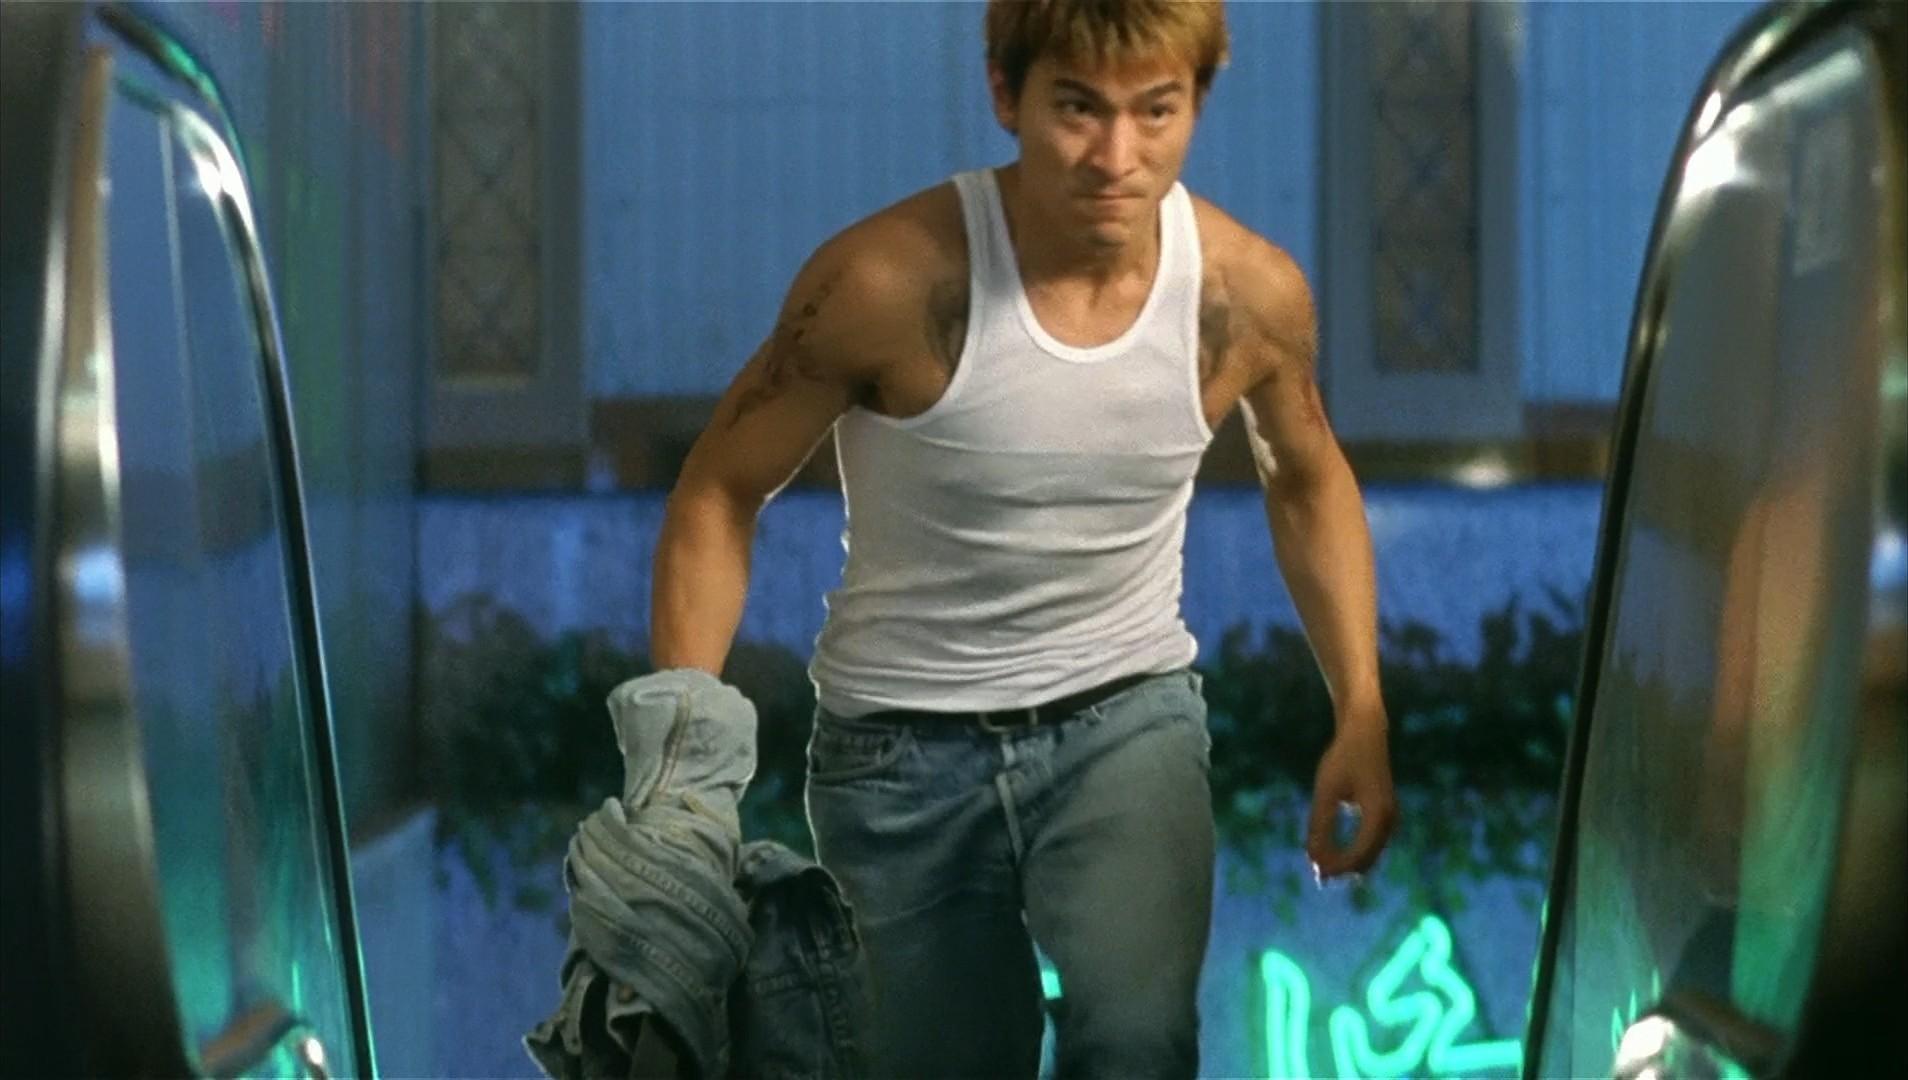 刘德华电影全集_刘德华有个电影最后用牛仔衣包着刀